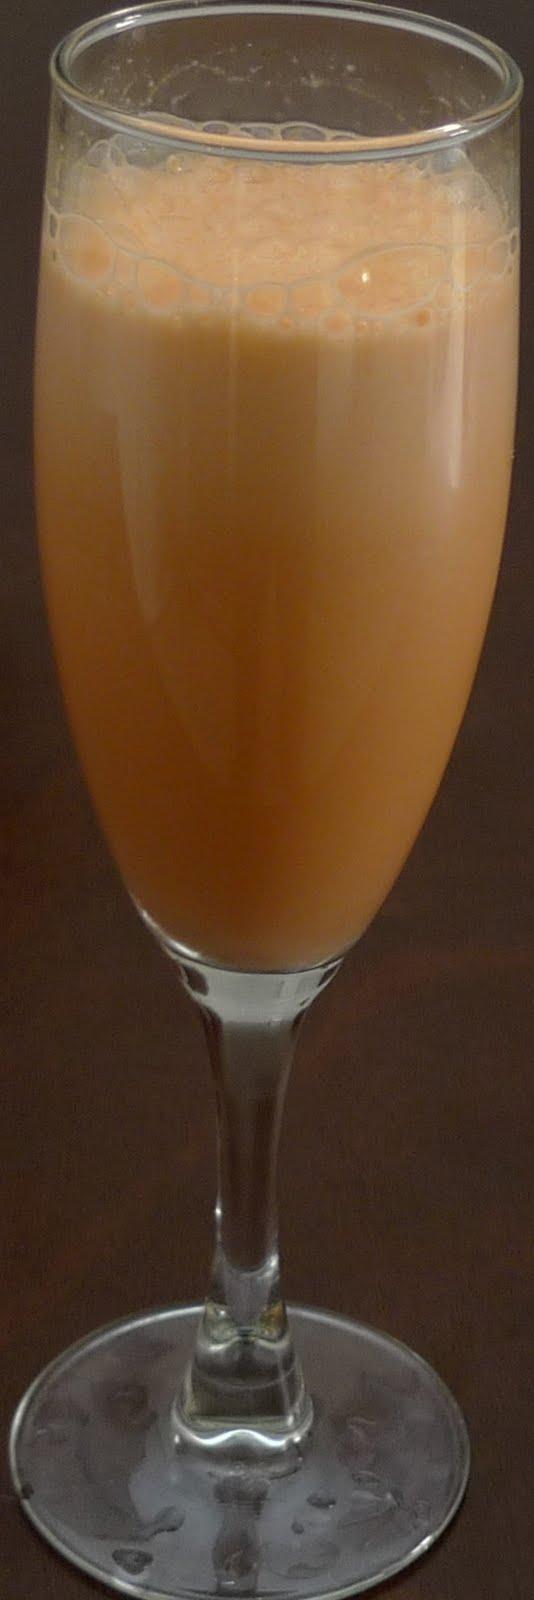 فوائد الجزر..وهدية مني طريقة العصير Carrot+MIlk+shake